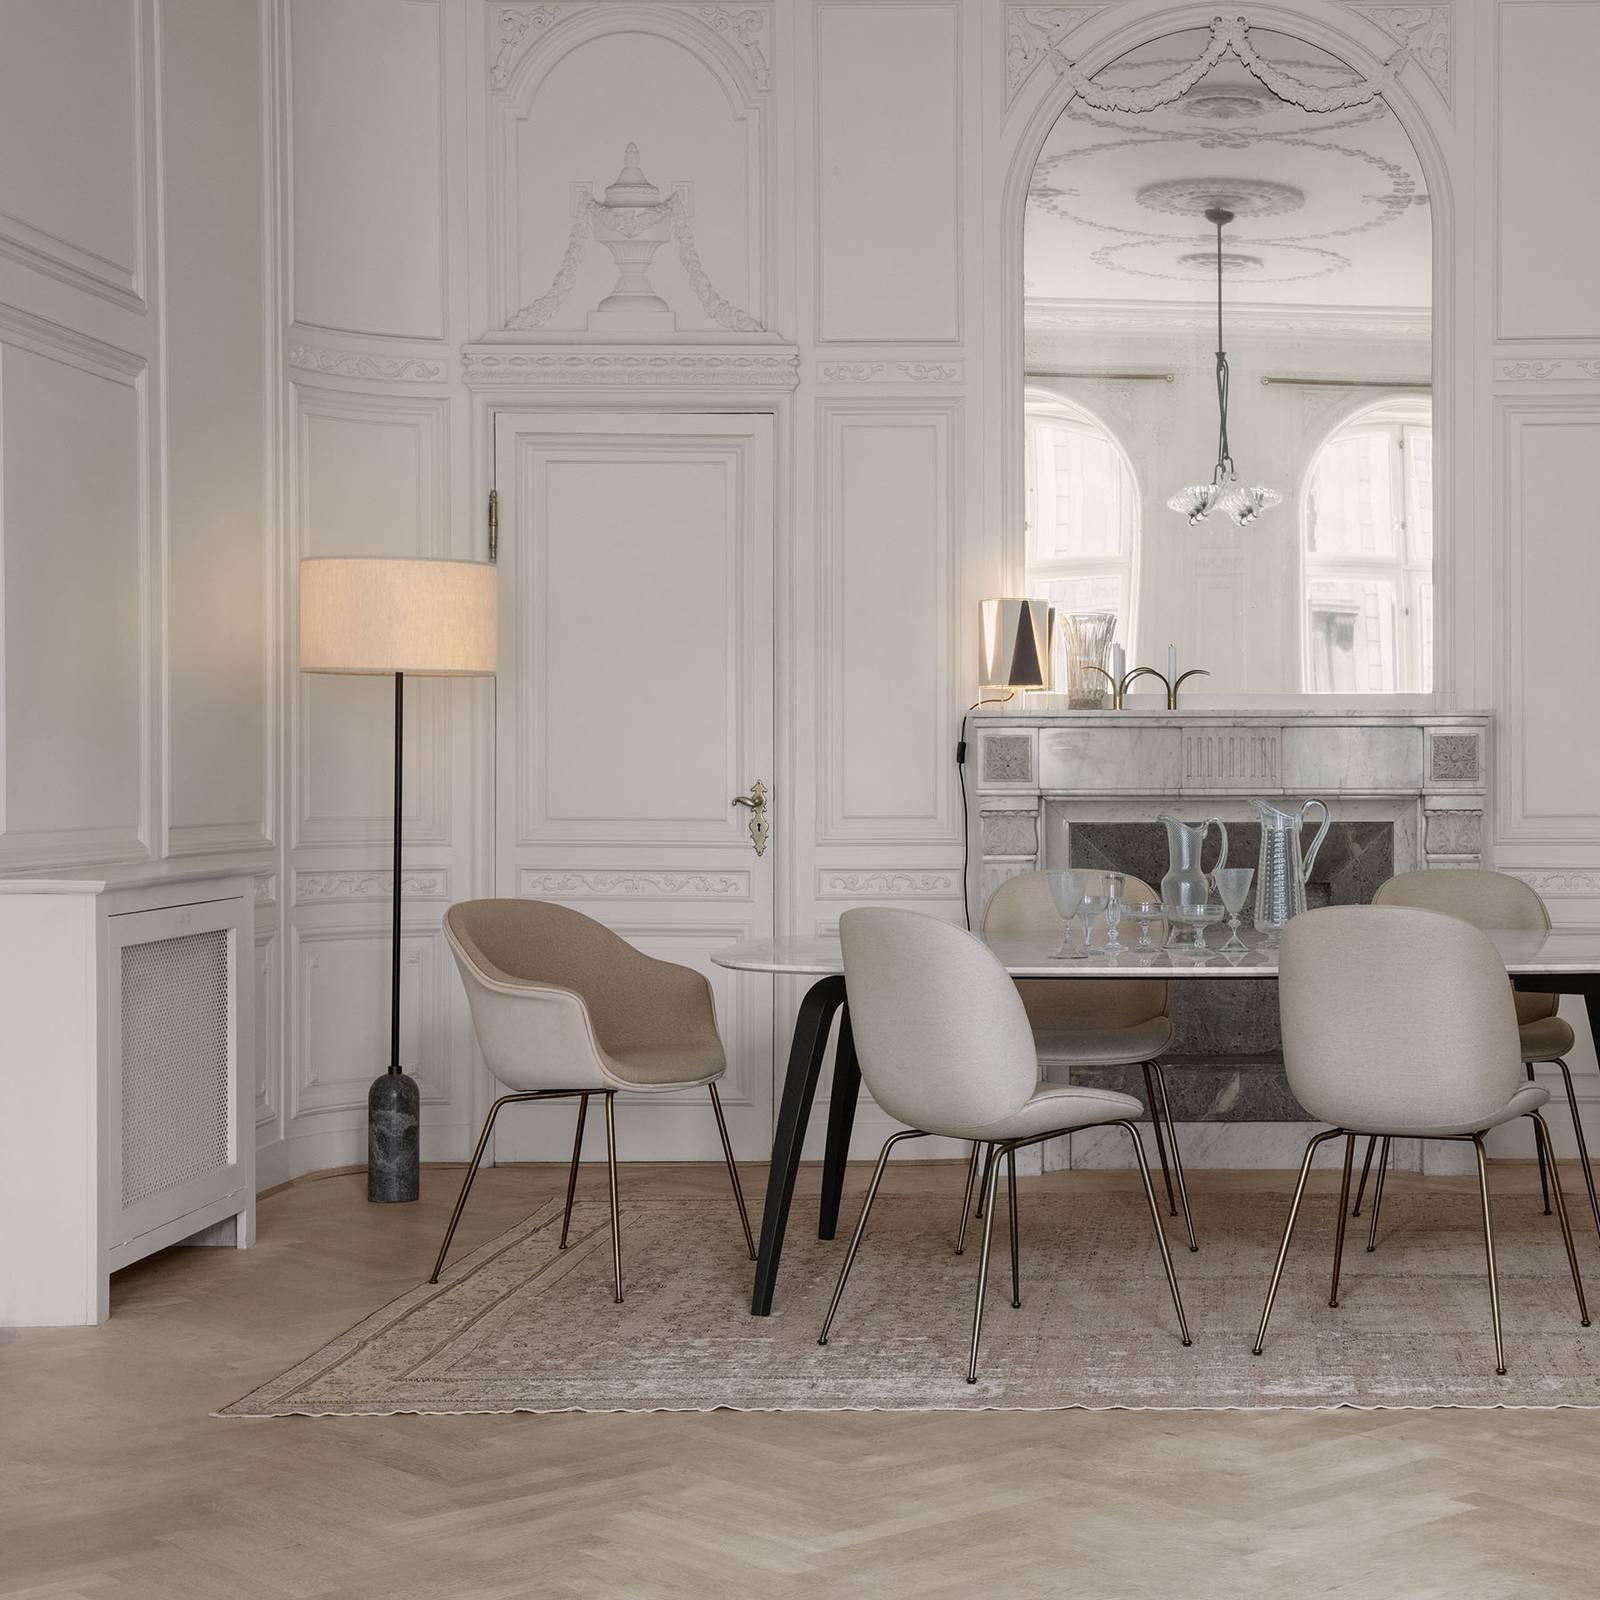 GUBI Gravity gulvlampe, grå marmorert / krem